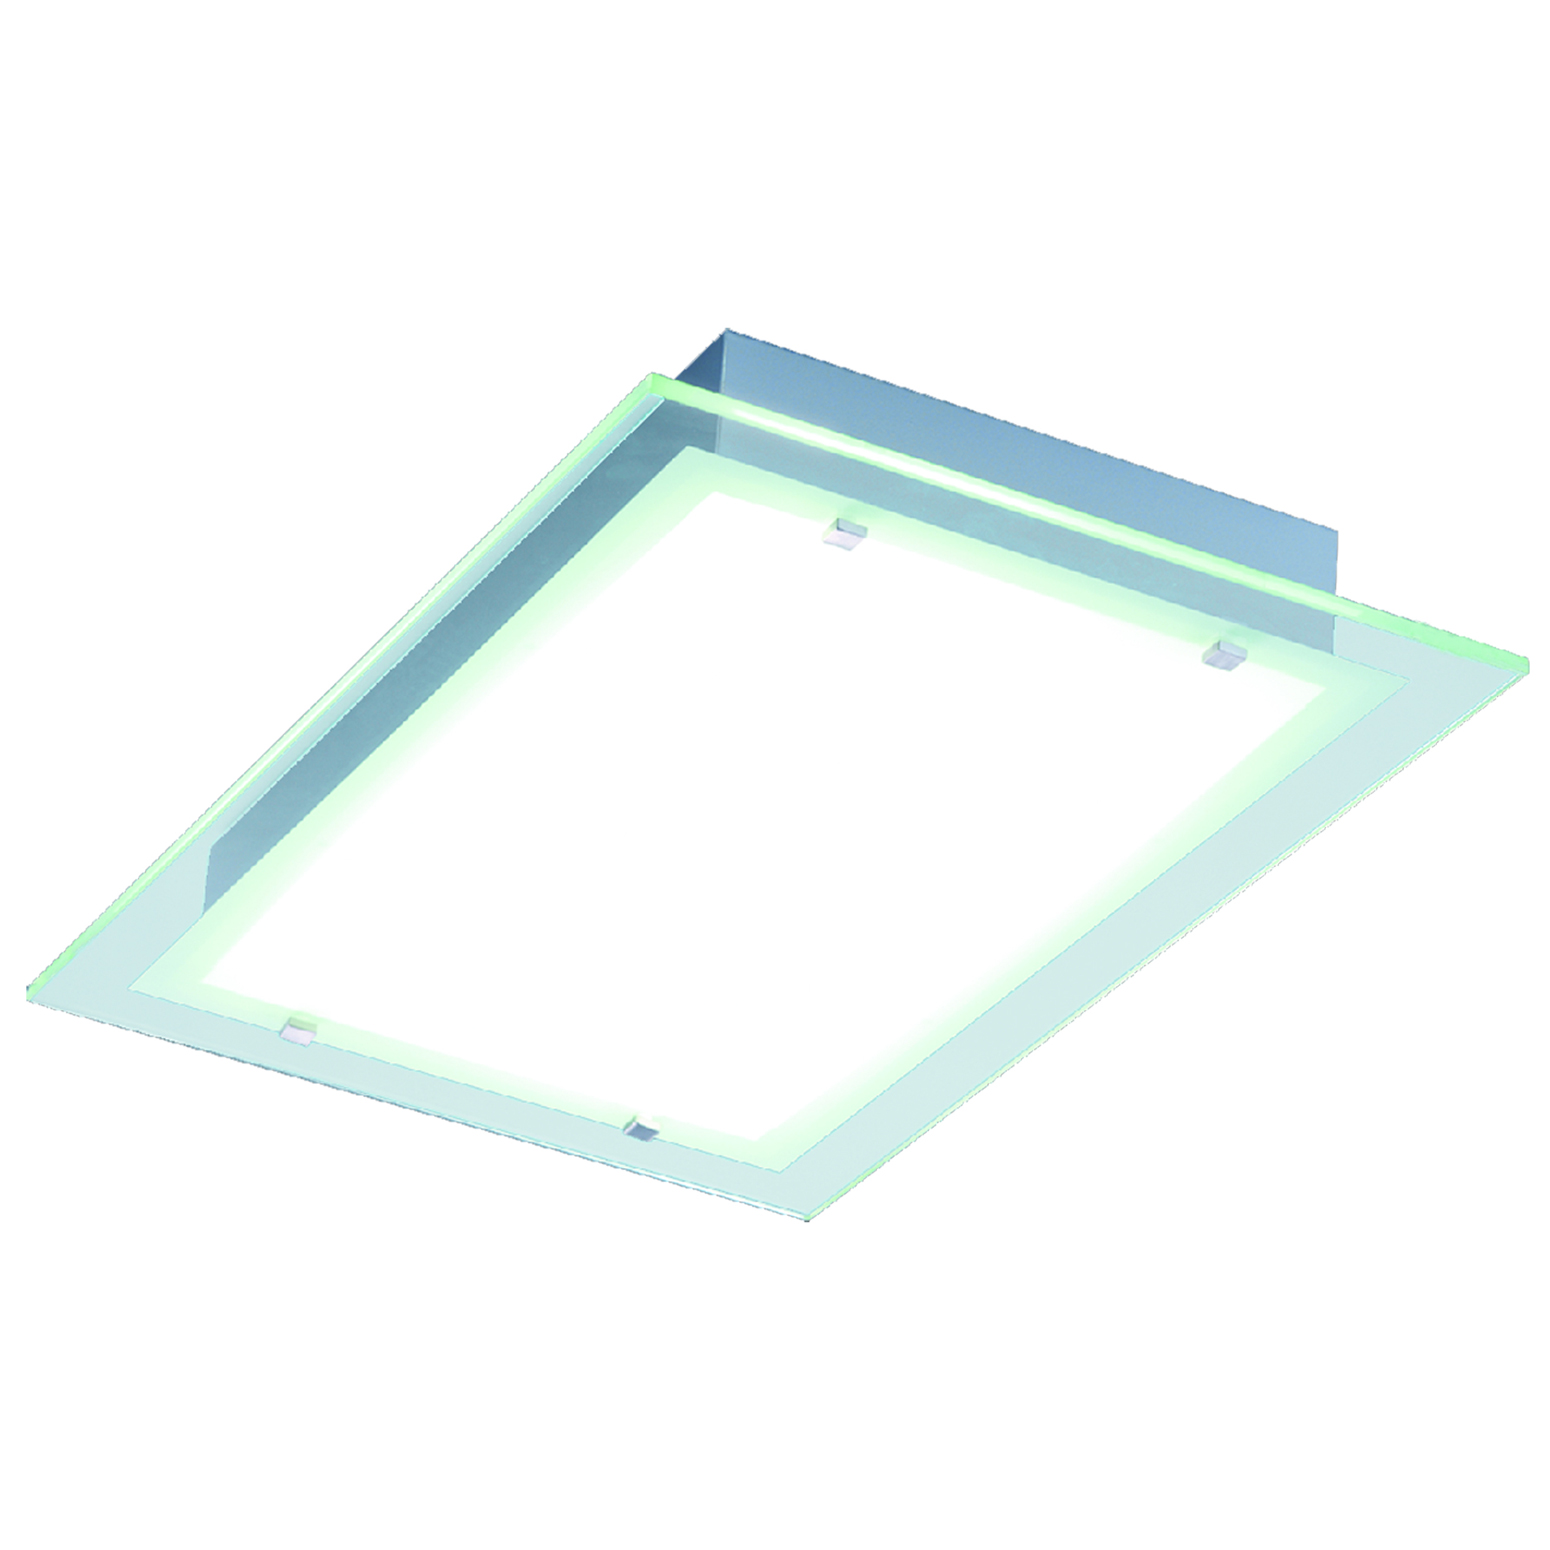 Contempra rectangle ceiling light fixture by et2 e22121 24al